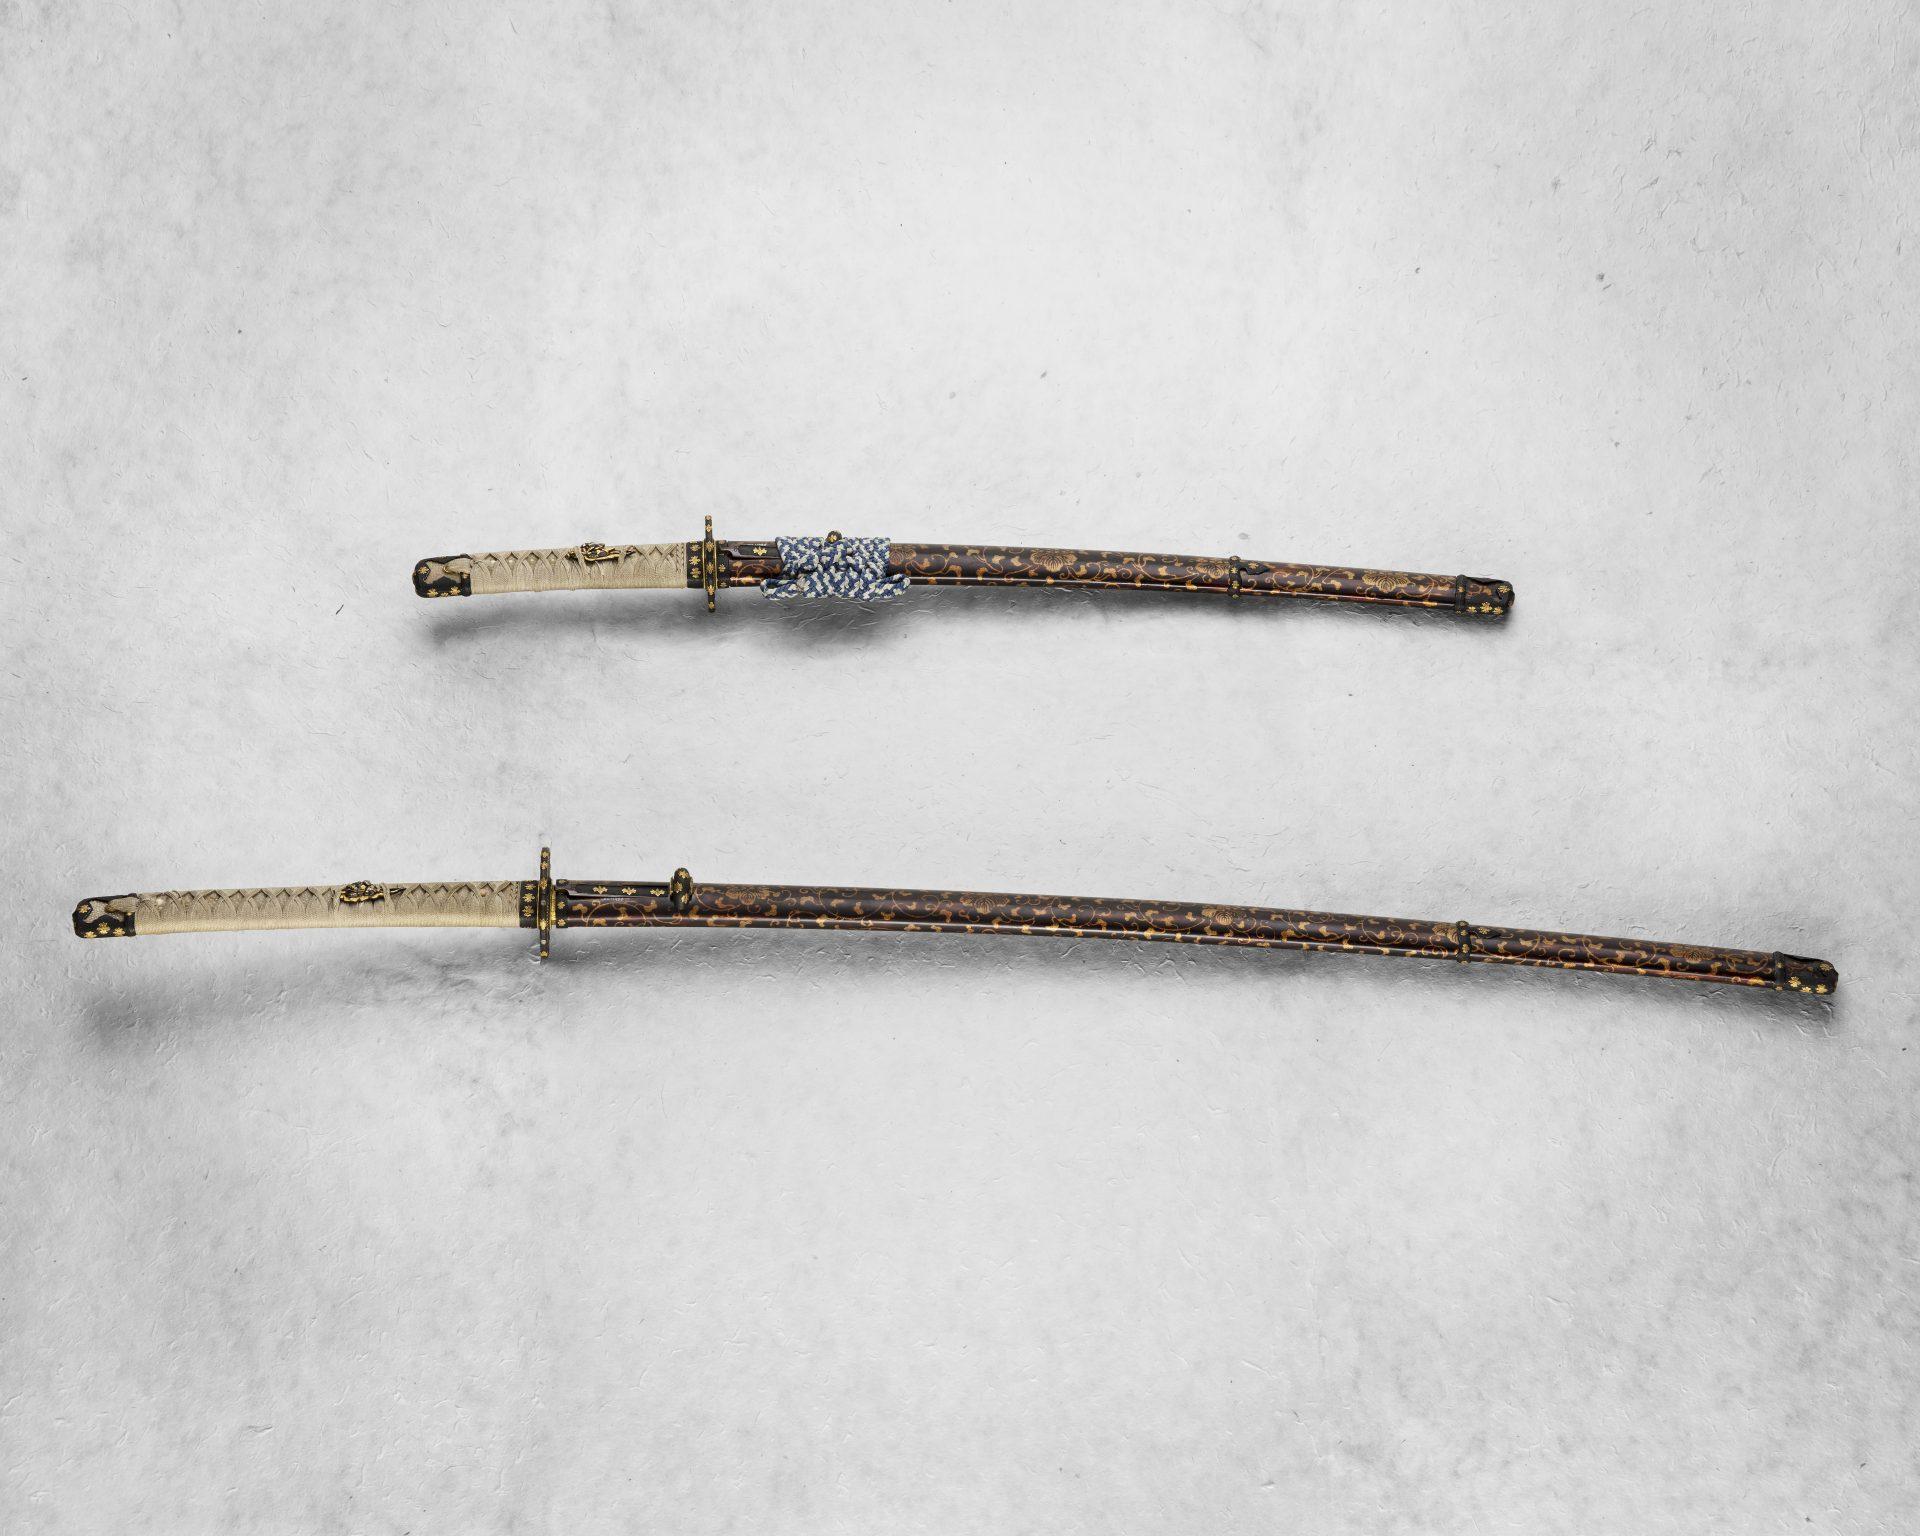 Two swords, one shorter, one longer.